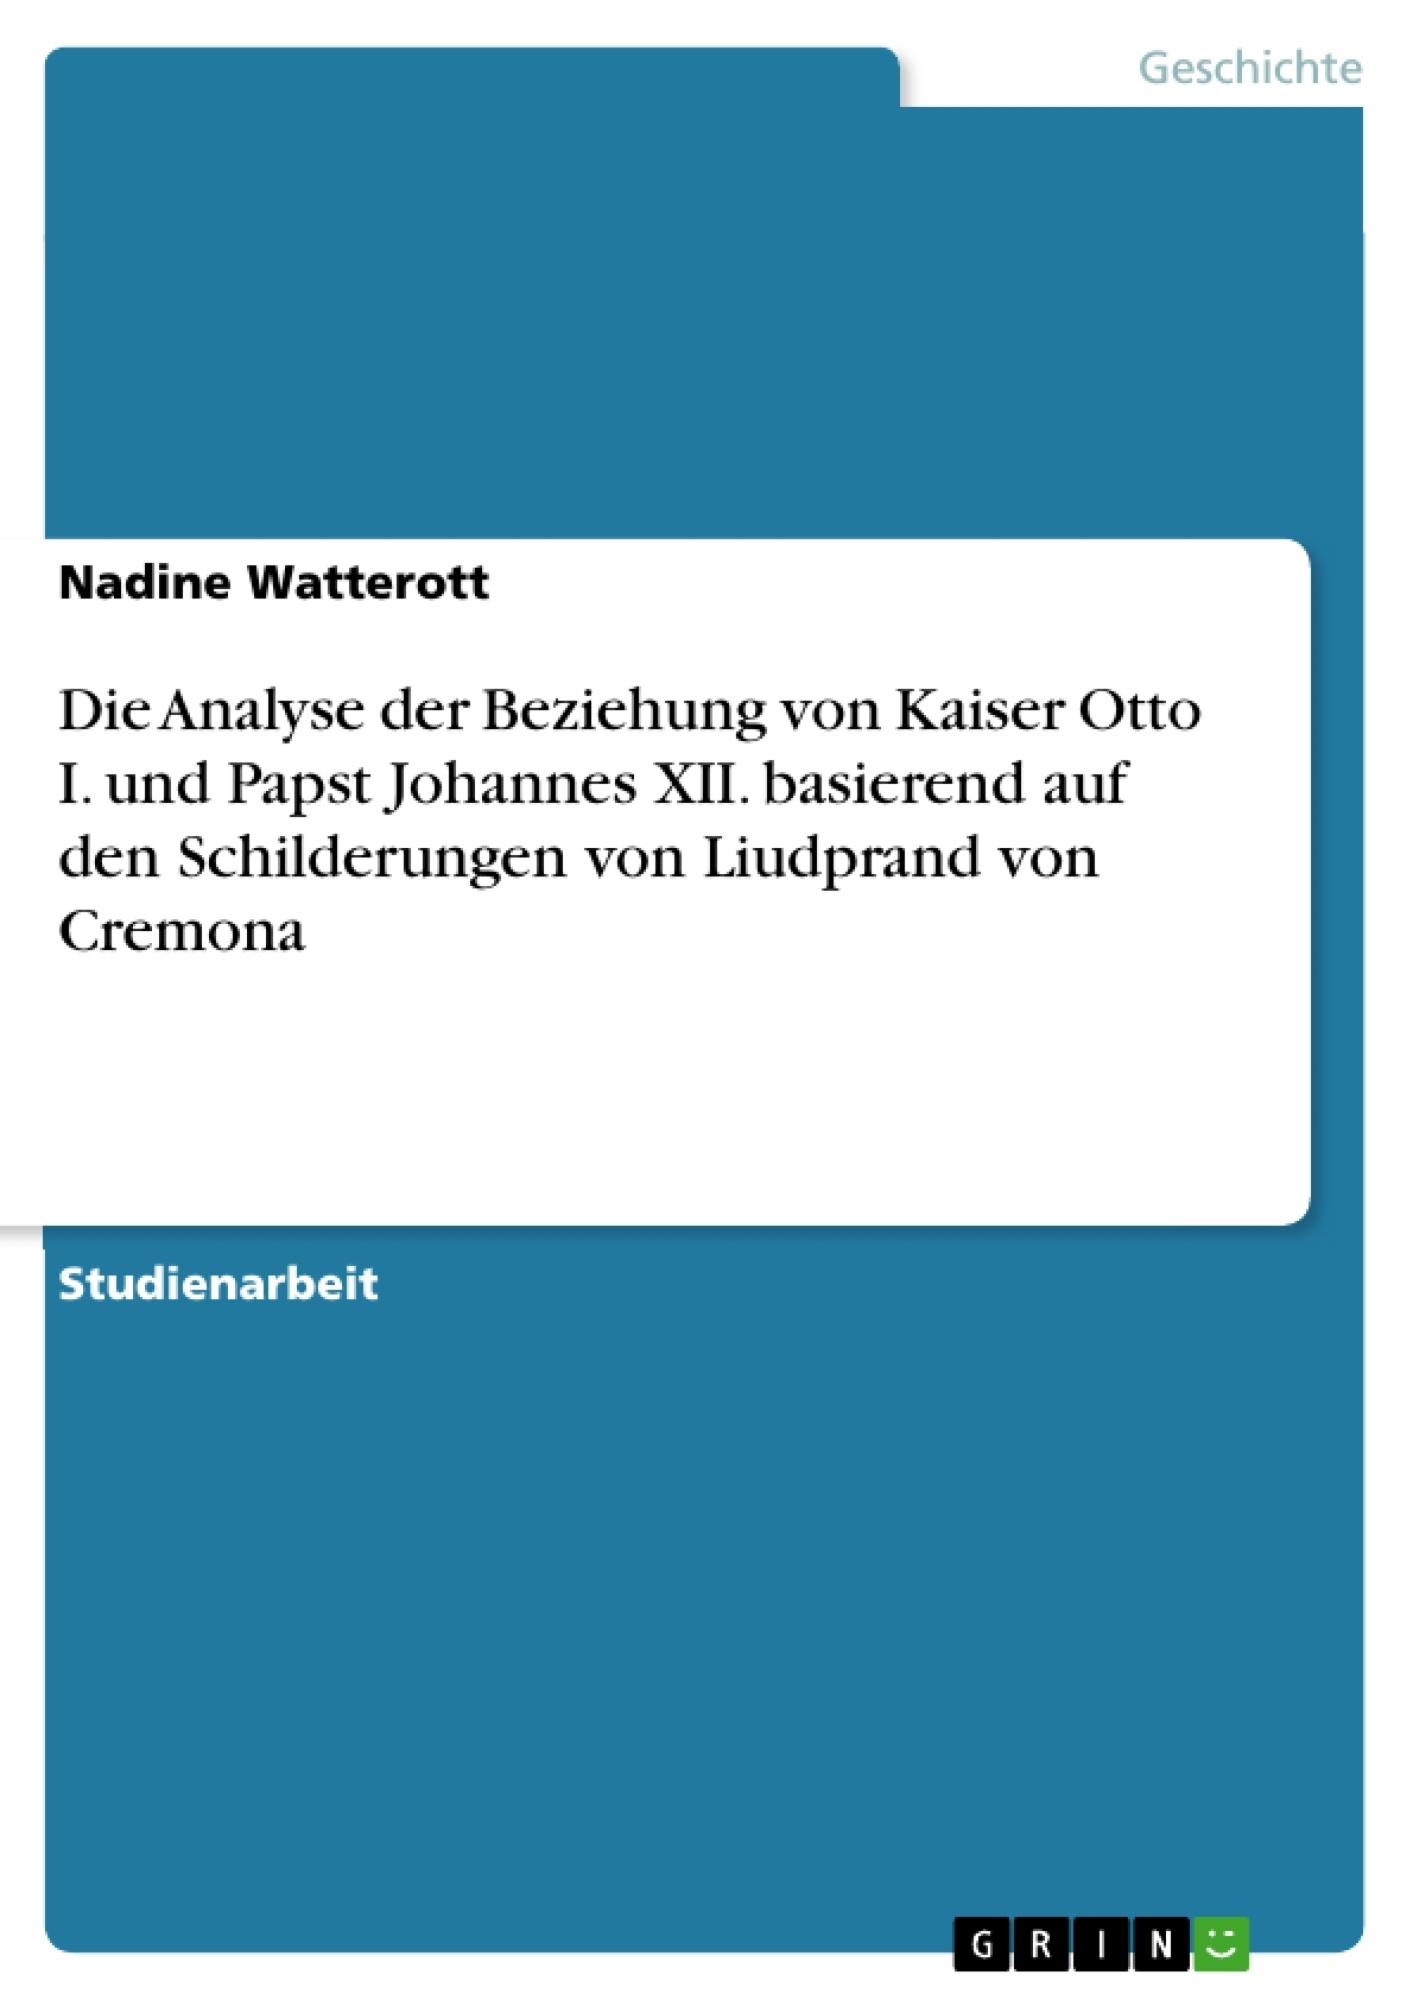 Titel: Die Analyse der Beziehung von Kaiser Otto I. und Papst Johannes XII. basierend auf den Schilderungen von Liudprand von Cremona